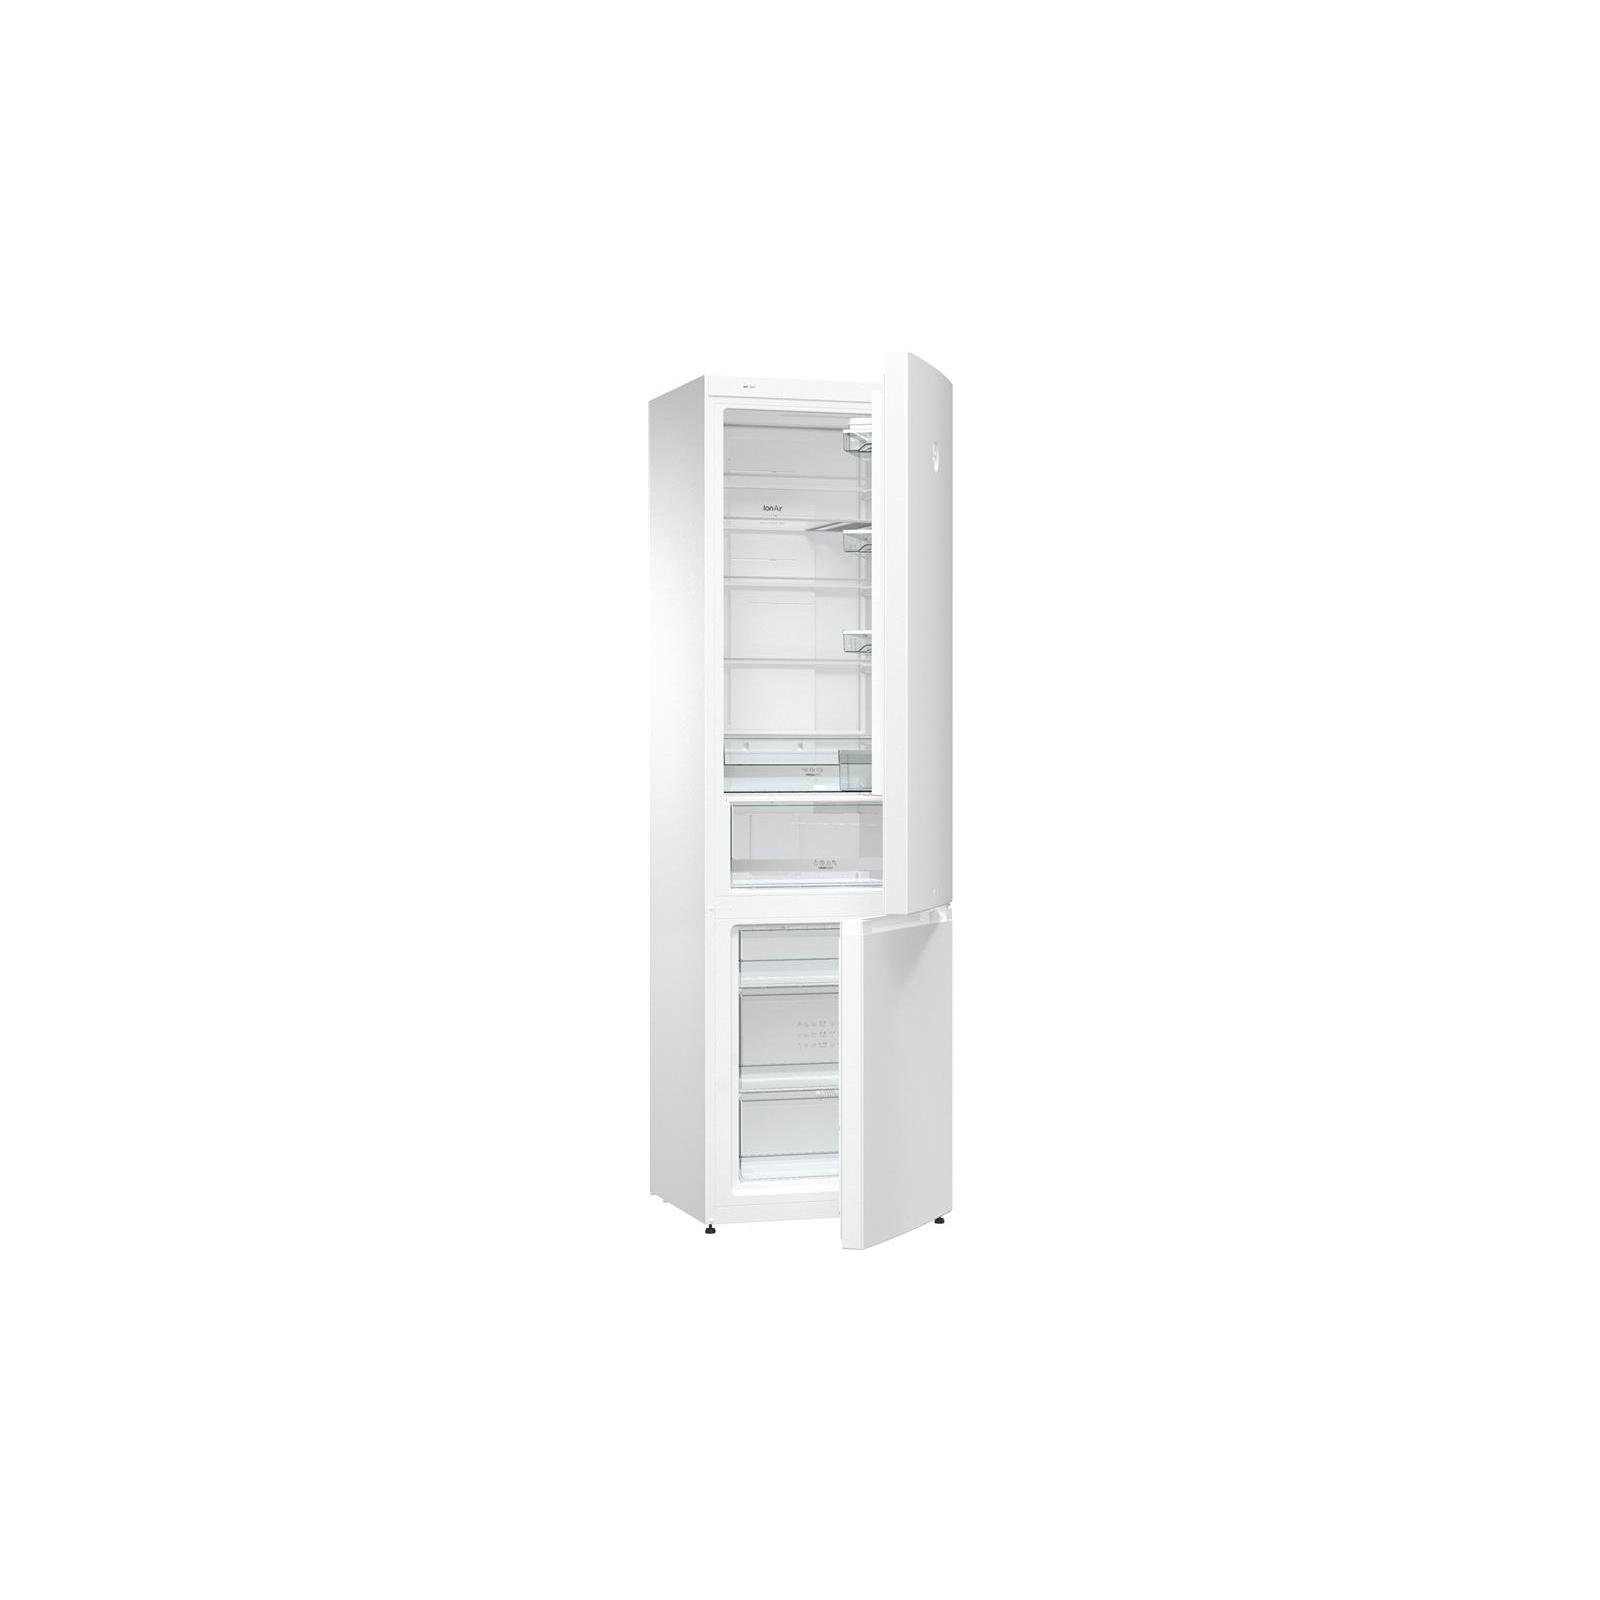 Холодильник Gorenje NRK621SYW4 изображение 5